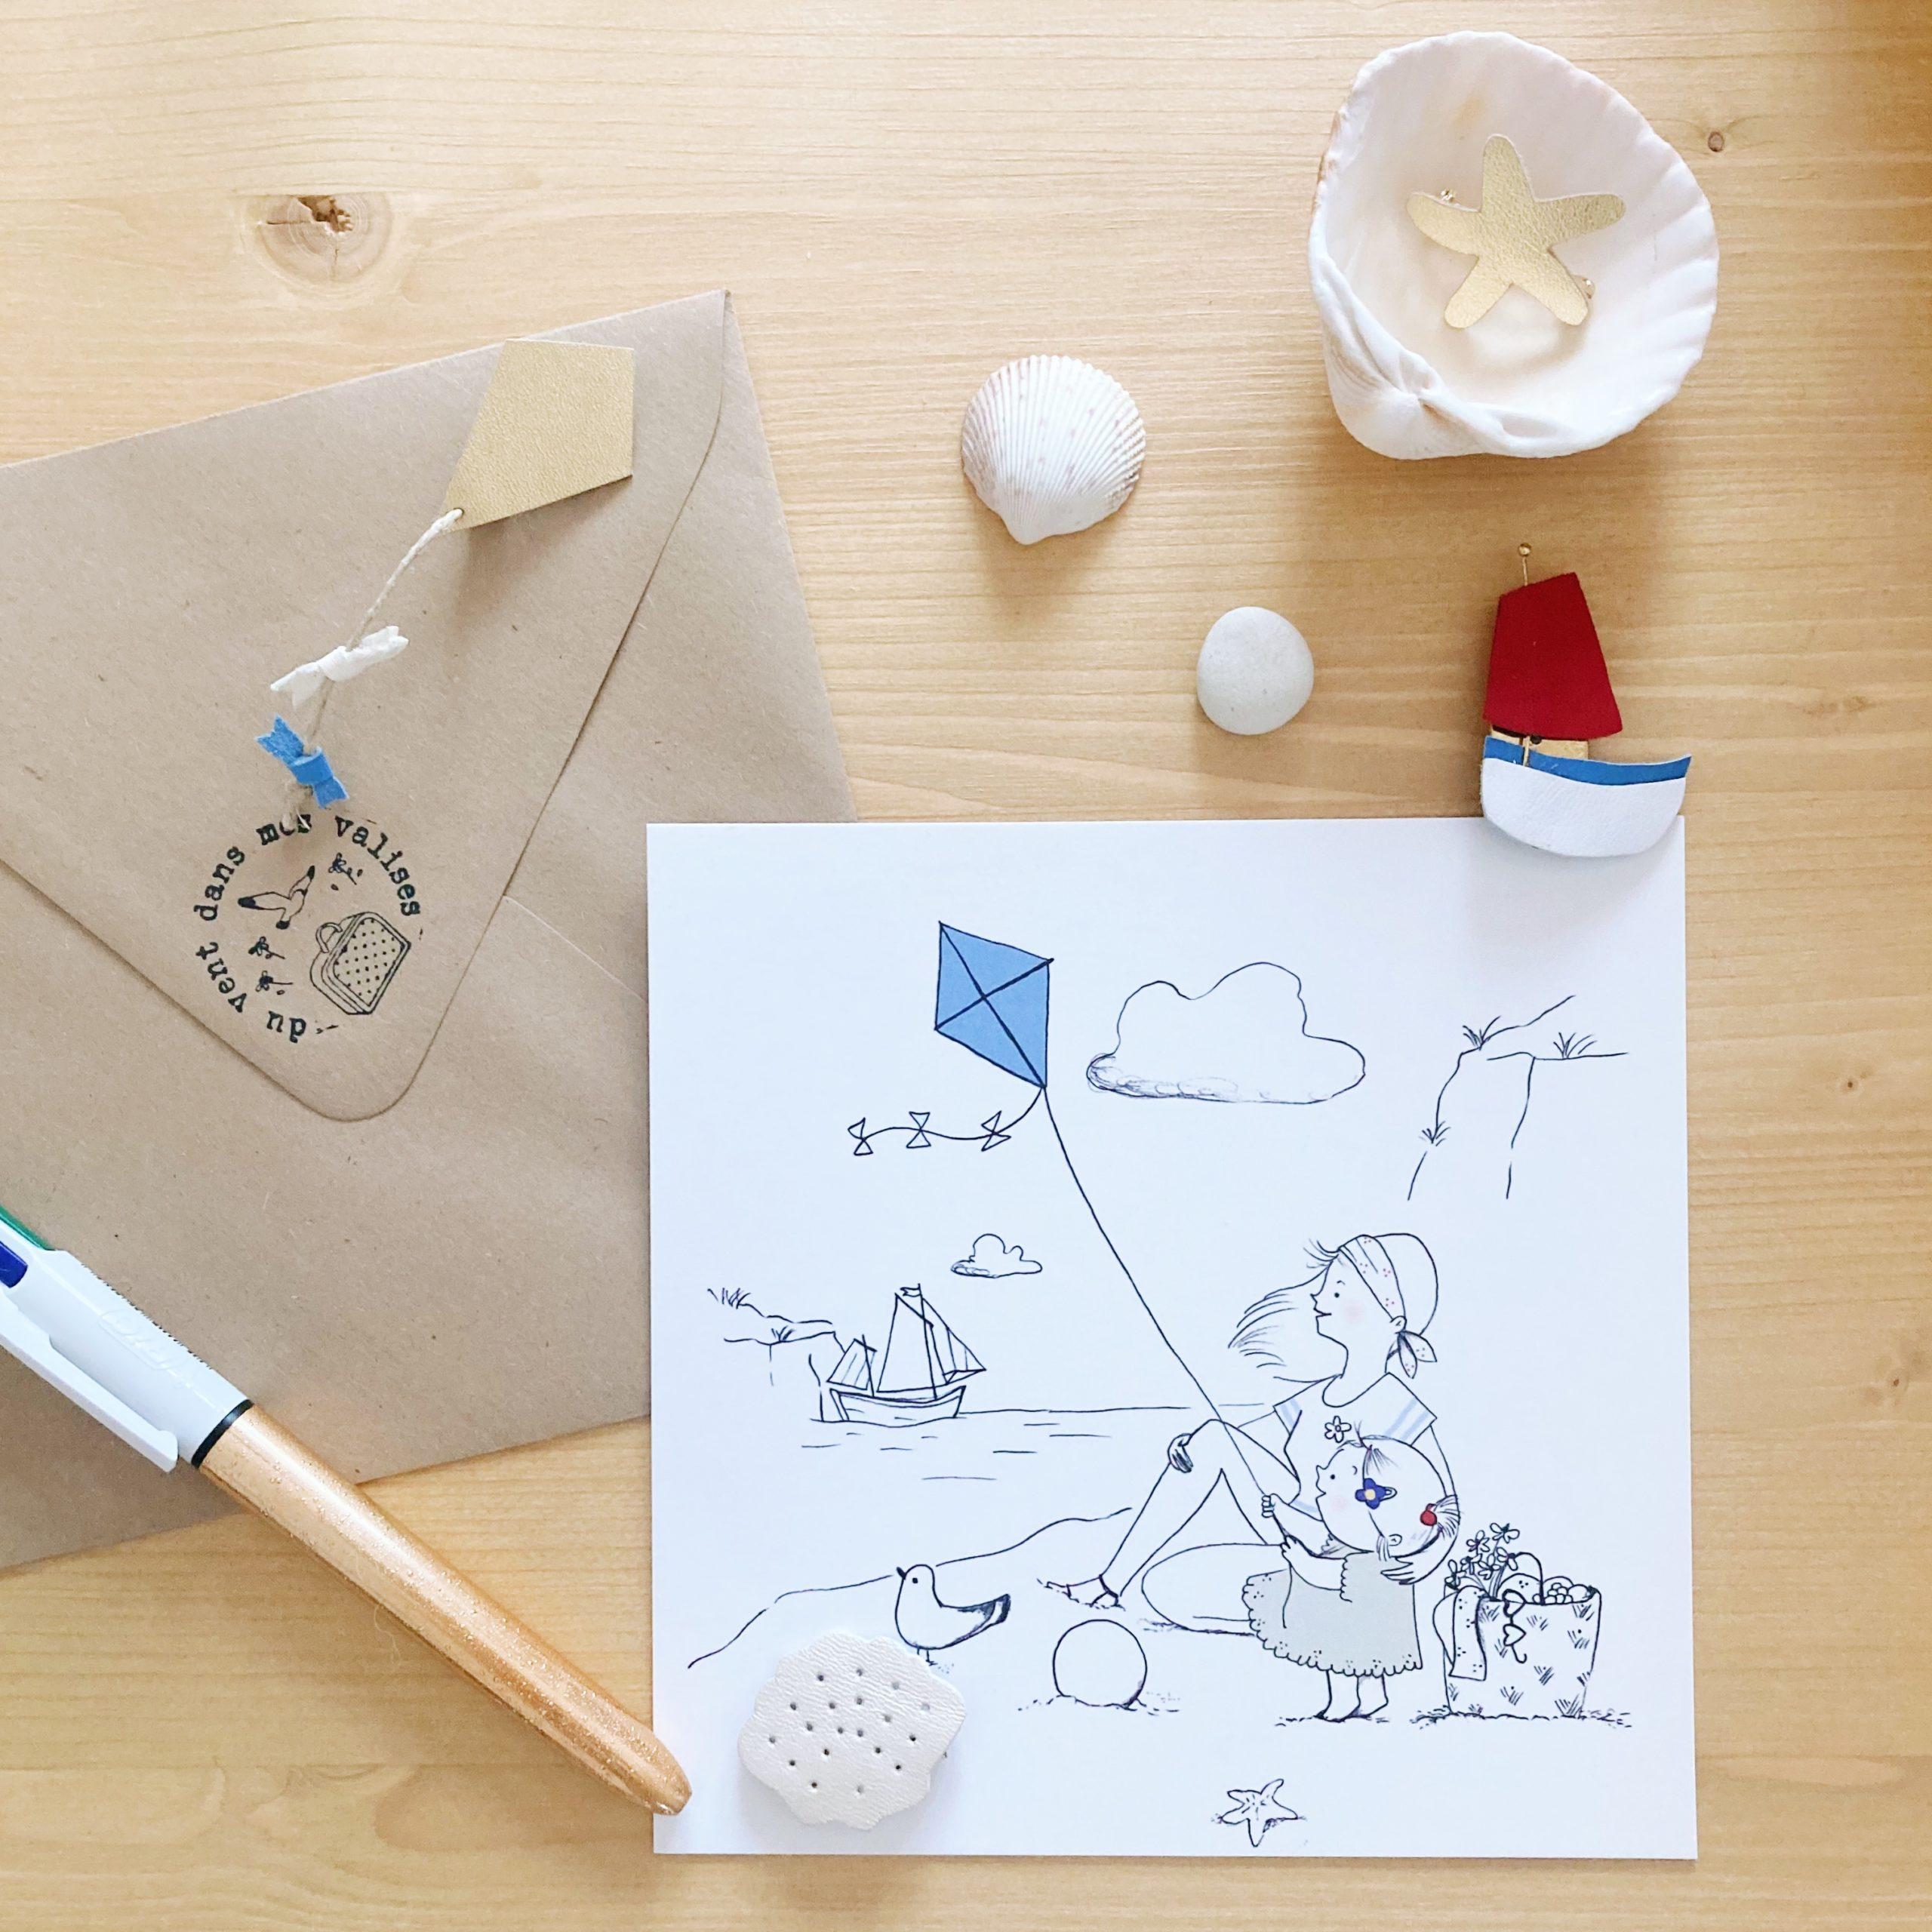 carte illustrée poétique fabrication artisanale française, maman et fille à la plage avec cerf-volant - du vent dans mes valises x Eulalie sous la lune